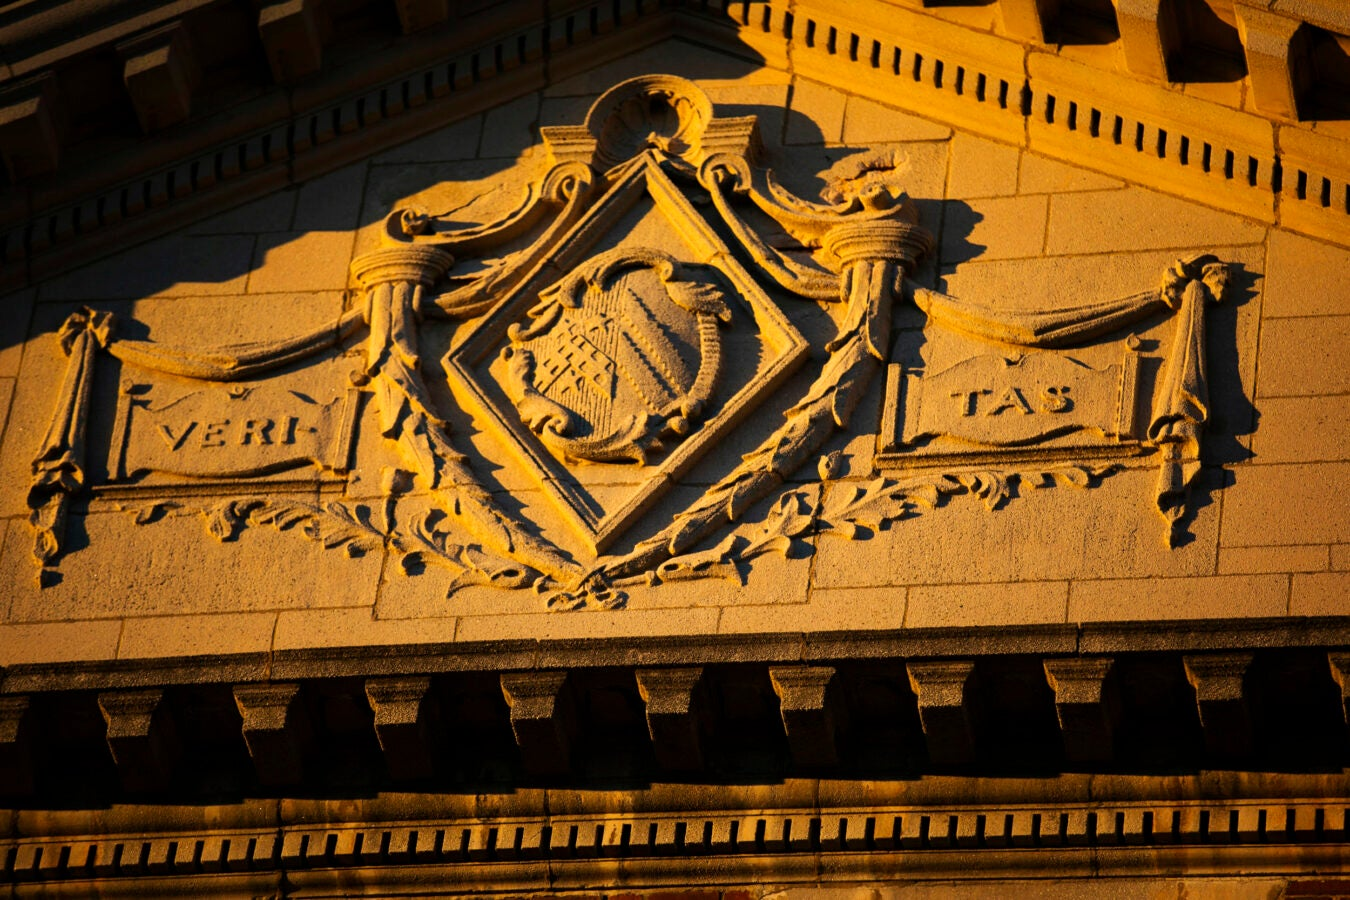 A Veritas shield decorates Briggs Hall.